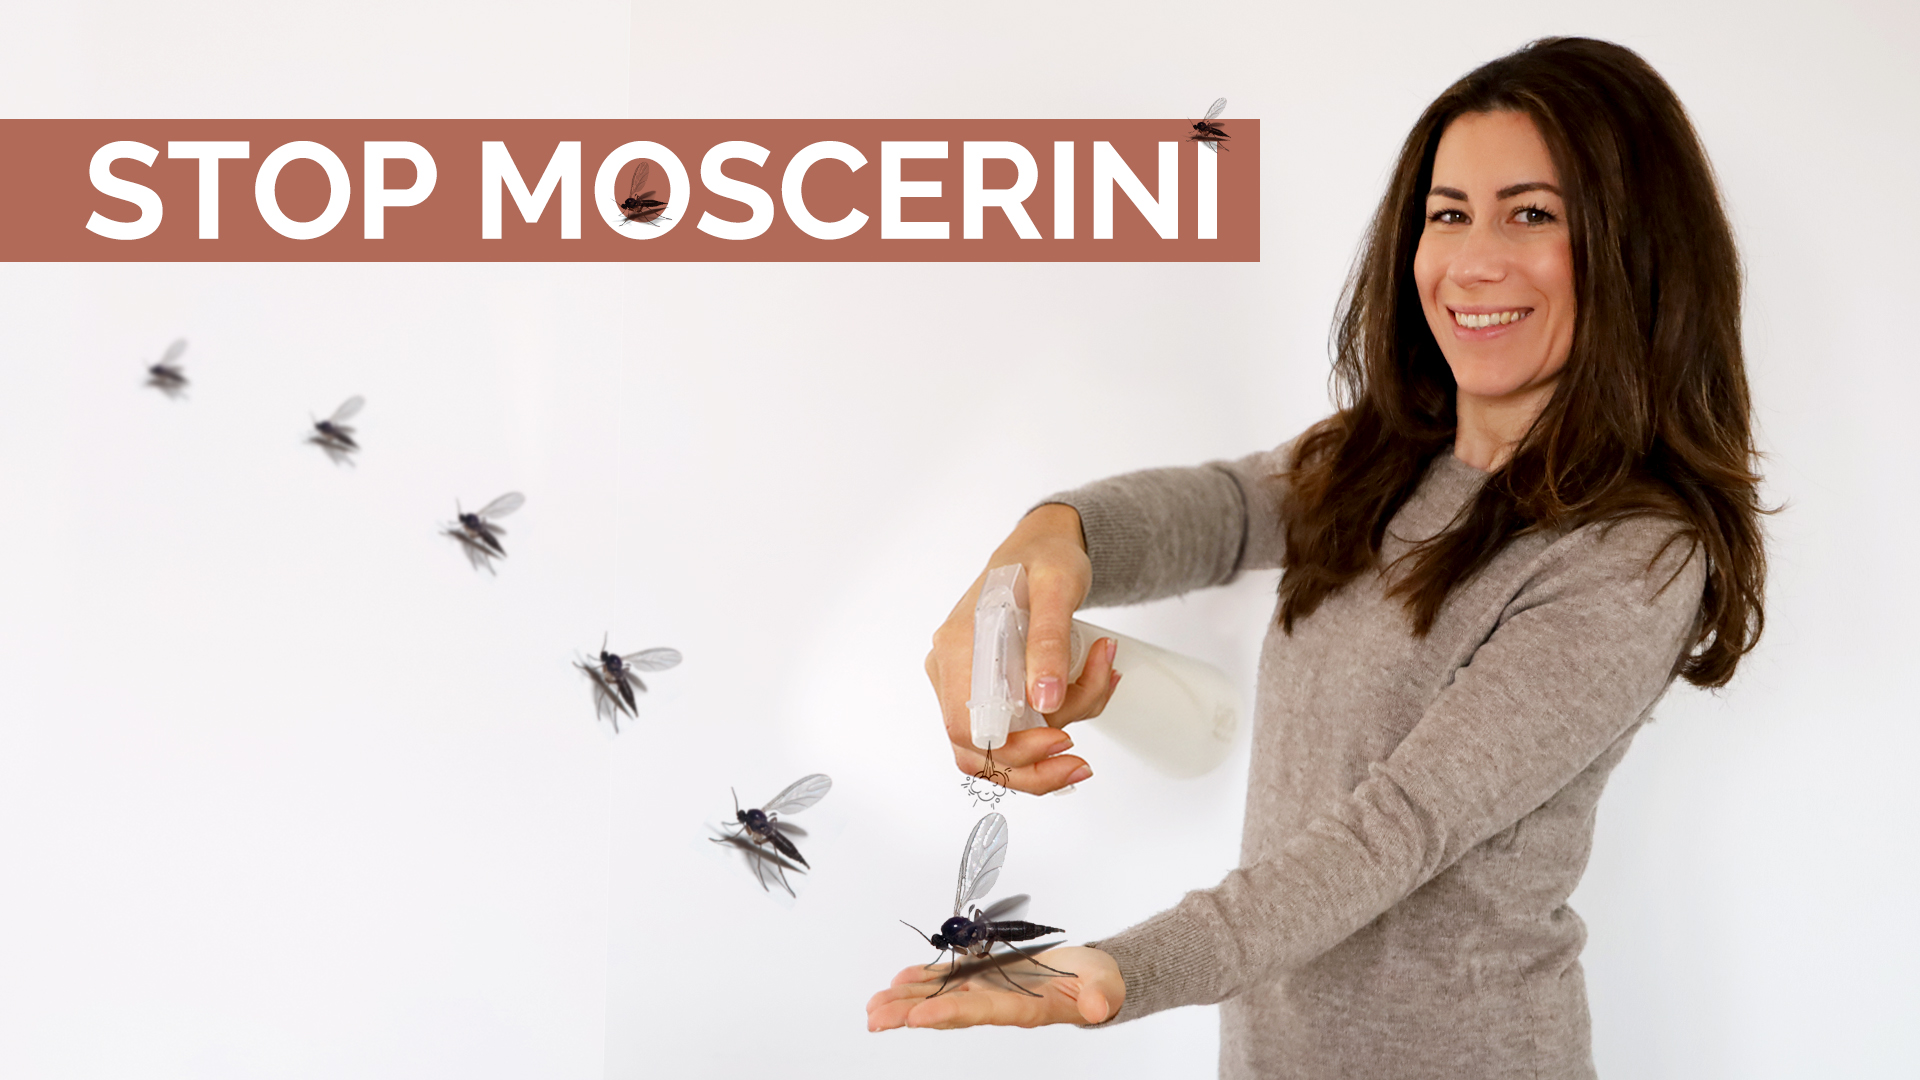 come eliminare i moscerini dalle piante